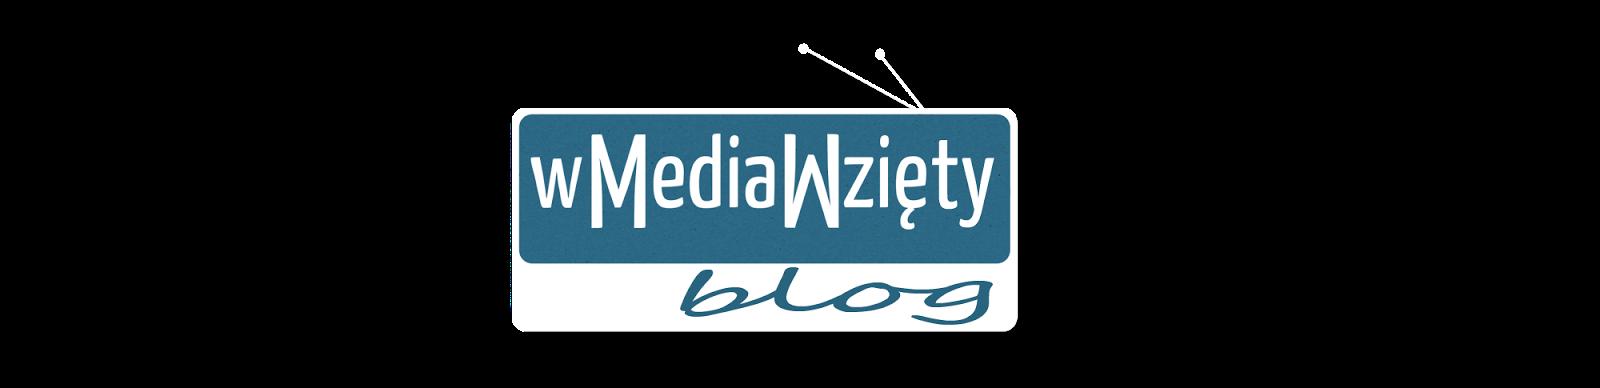 wMediaWzięty Blog